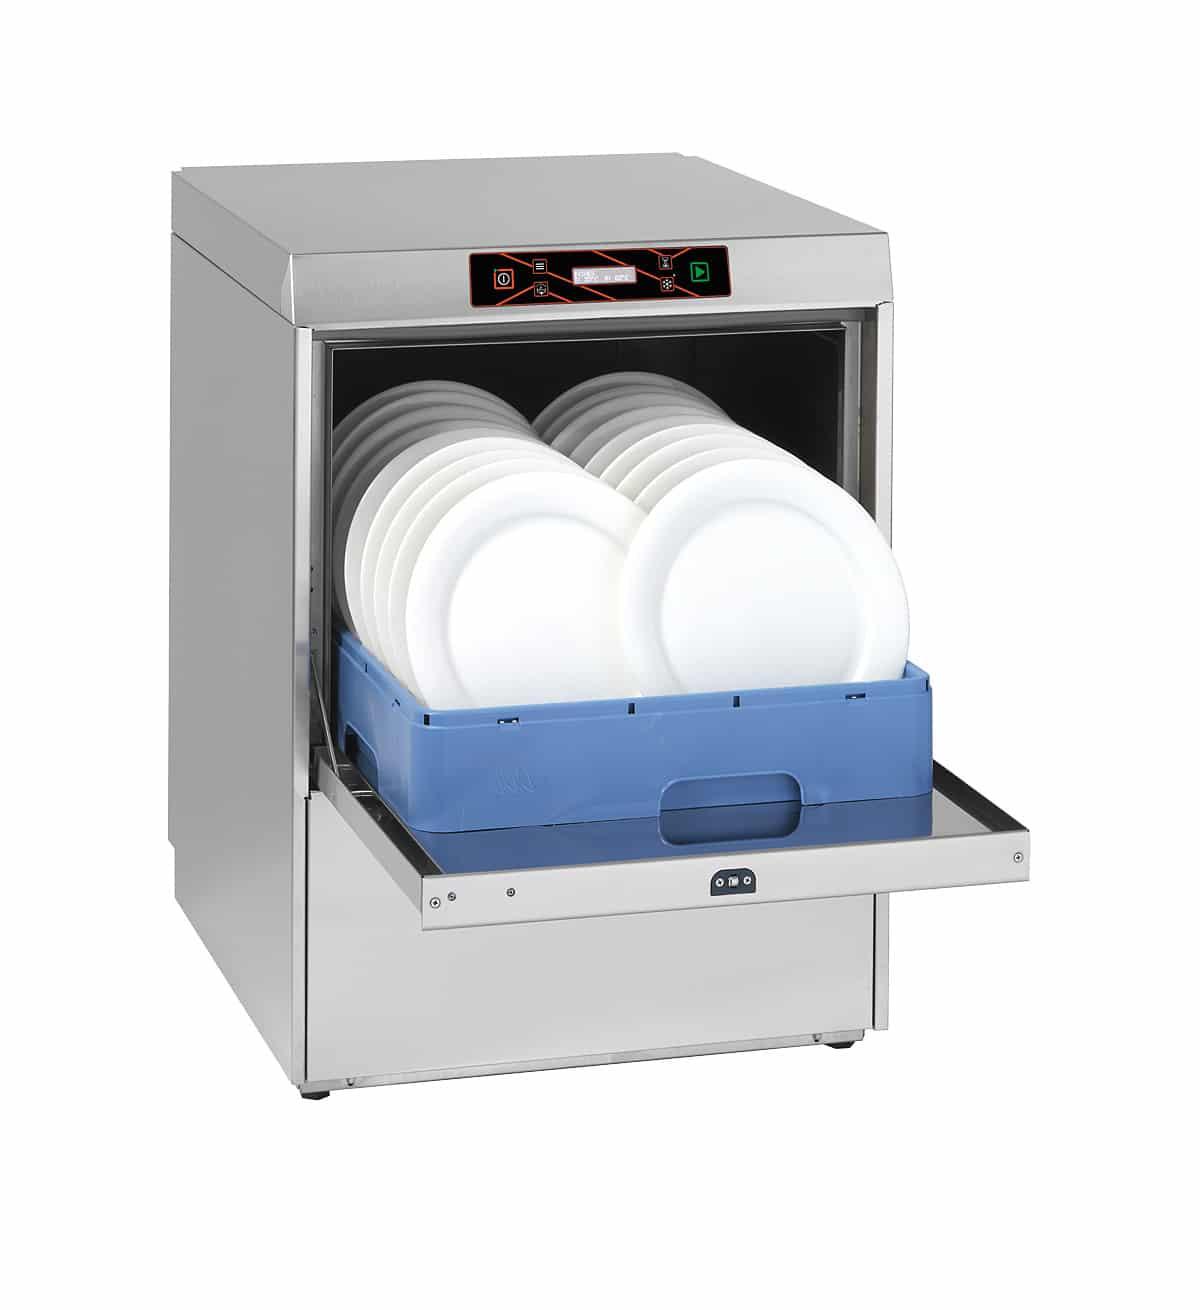 Geschirrspülmaschinen AQUATEC & AQUALUX